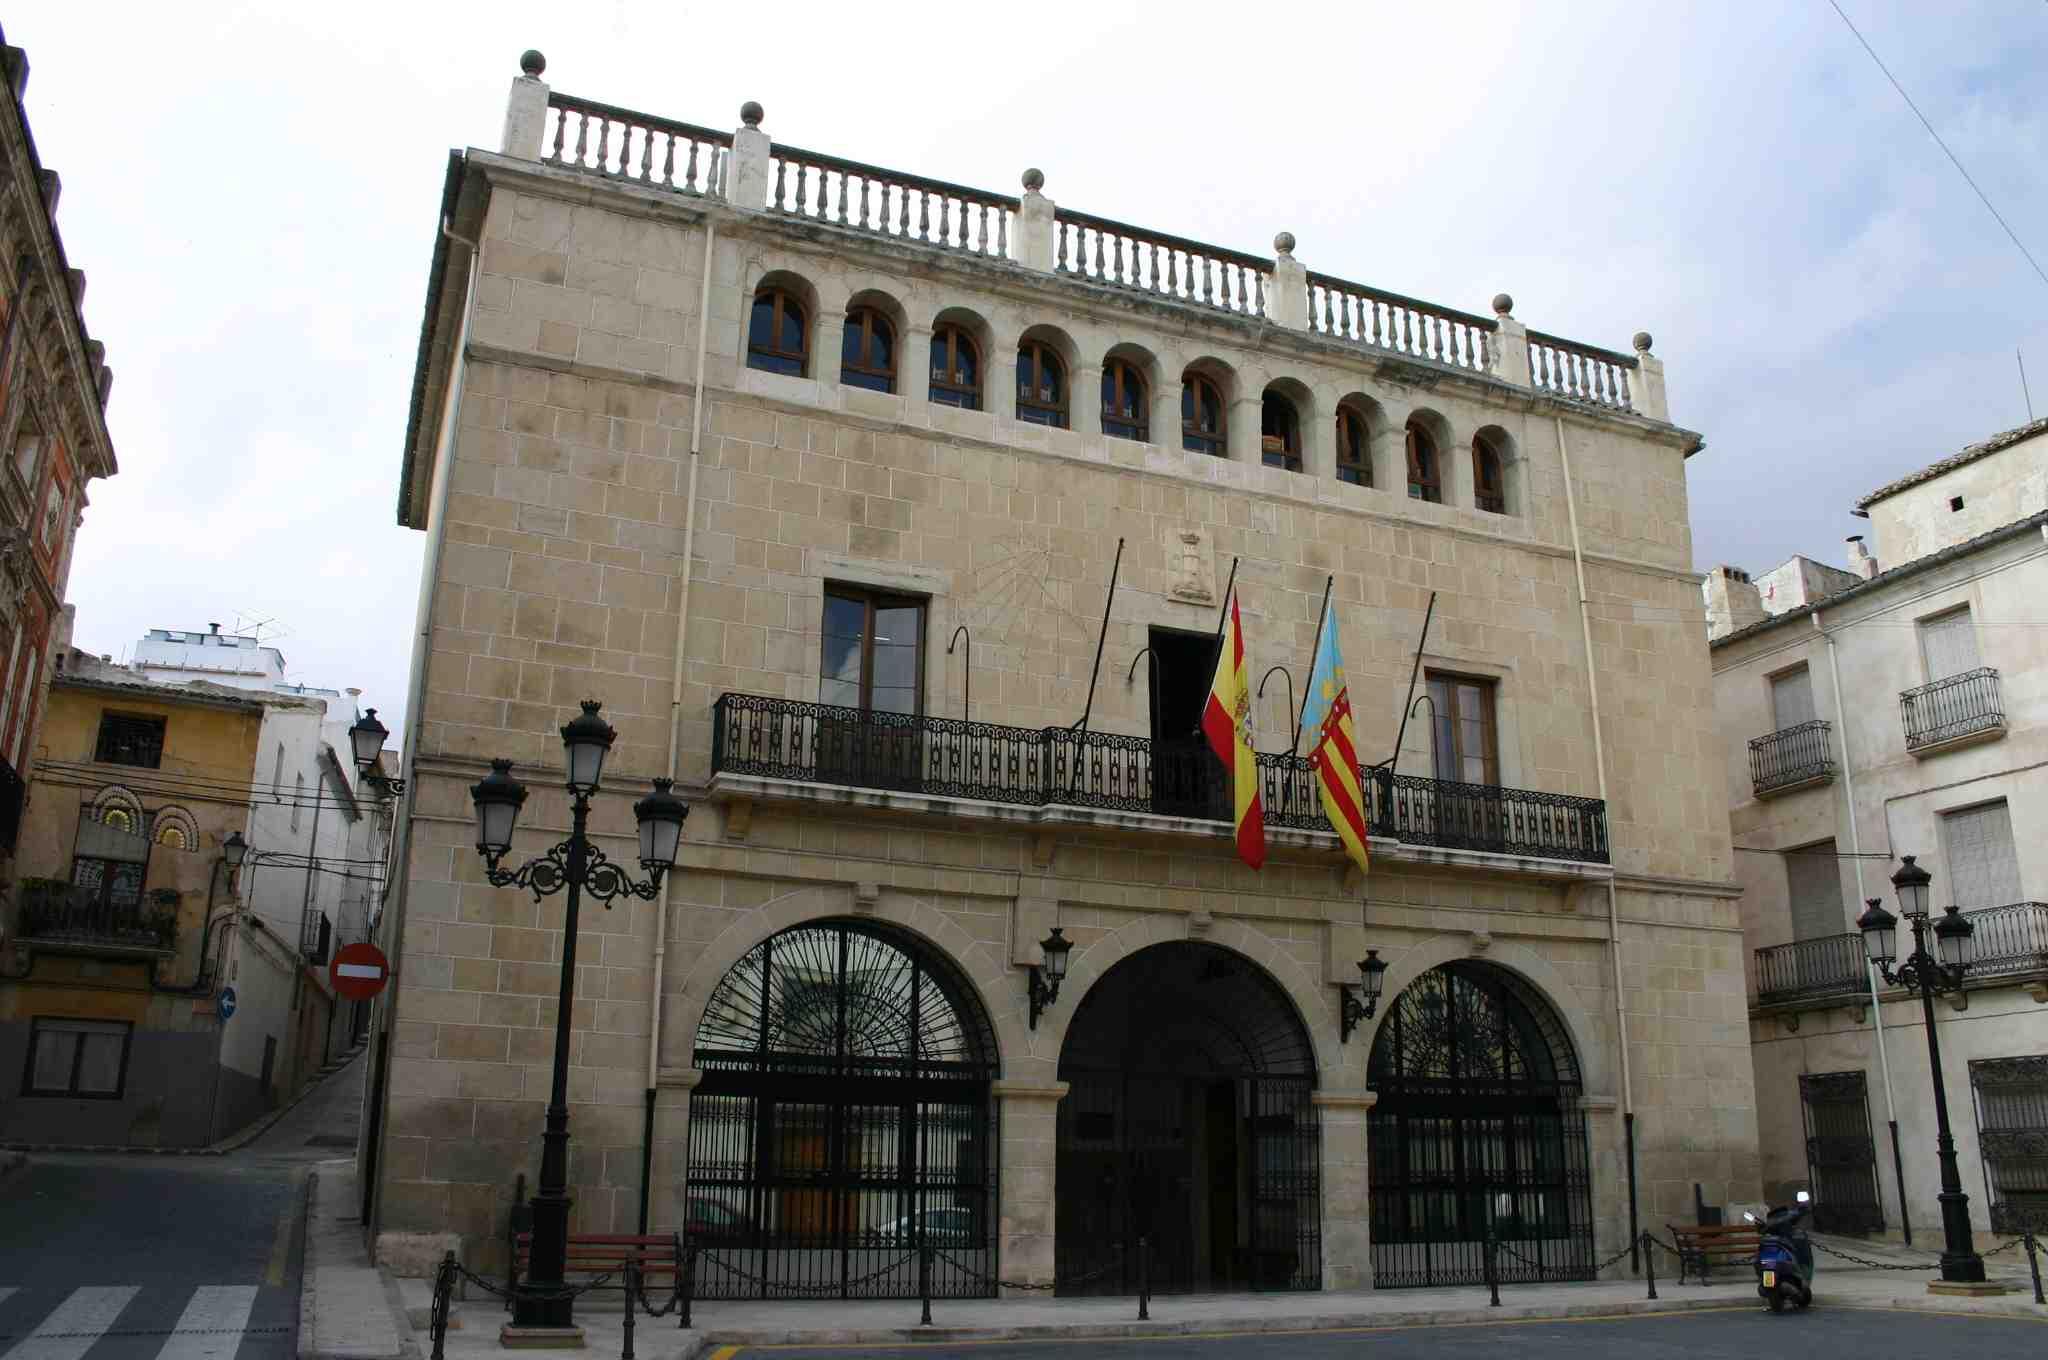 El alcalde de Castalla estima en más de 8.000 euros el gasto anual derivado de los pleitos municipales